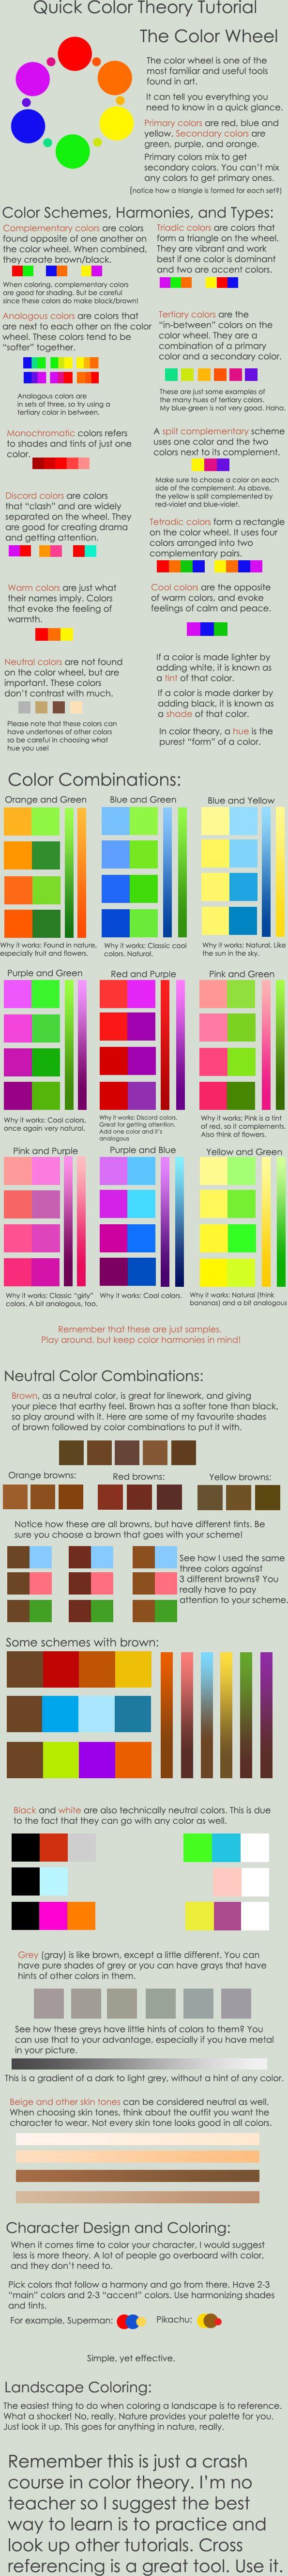 La teoría del color, simple guia para aprender a combinar colores. #infografia